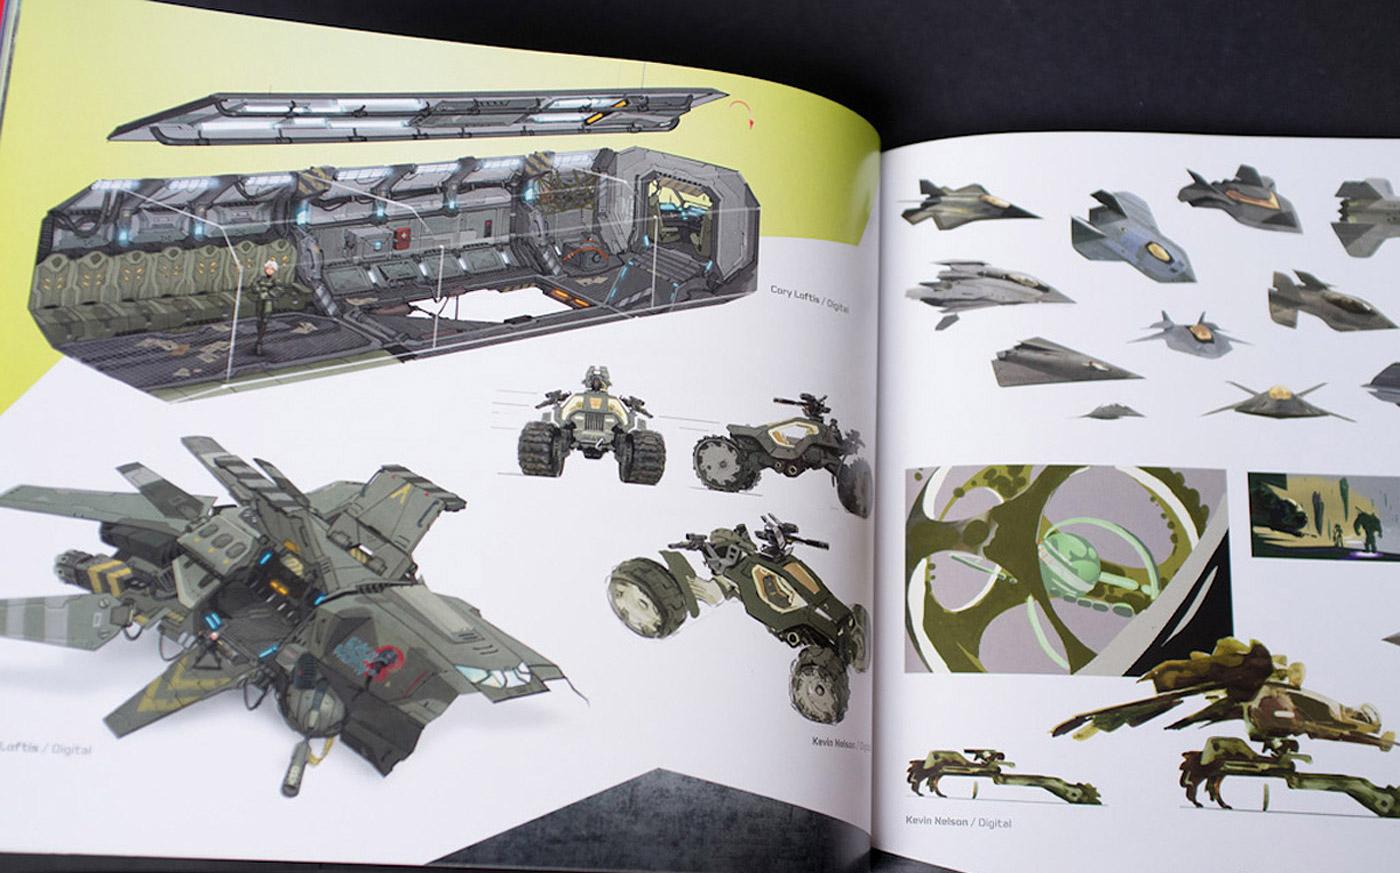 10-wreck-it-ralph-concept-art-prop.jpg